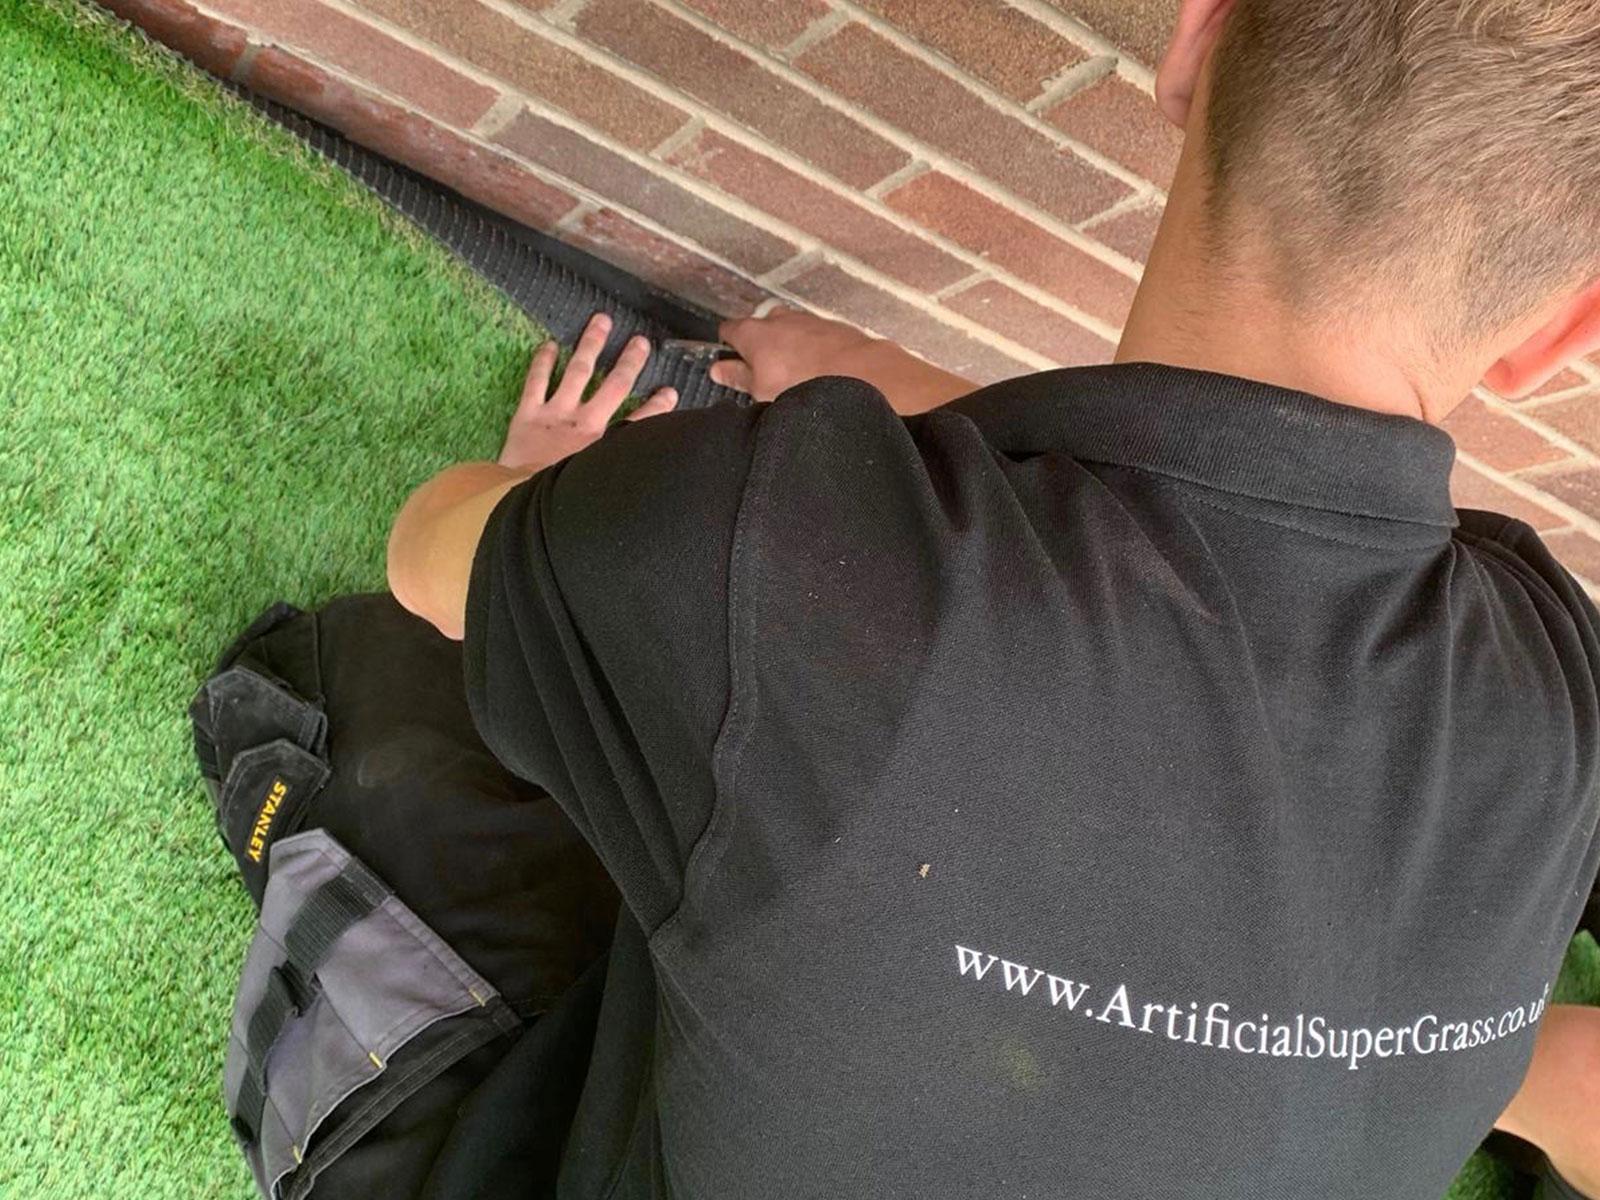 Artificial Grass Roll Boston Artificial Super Grass